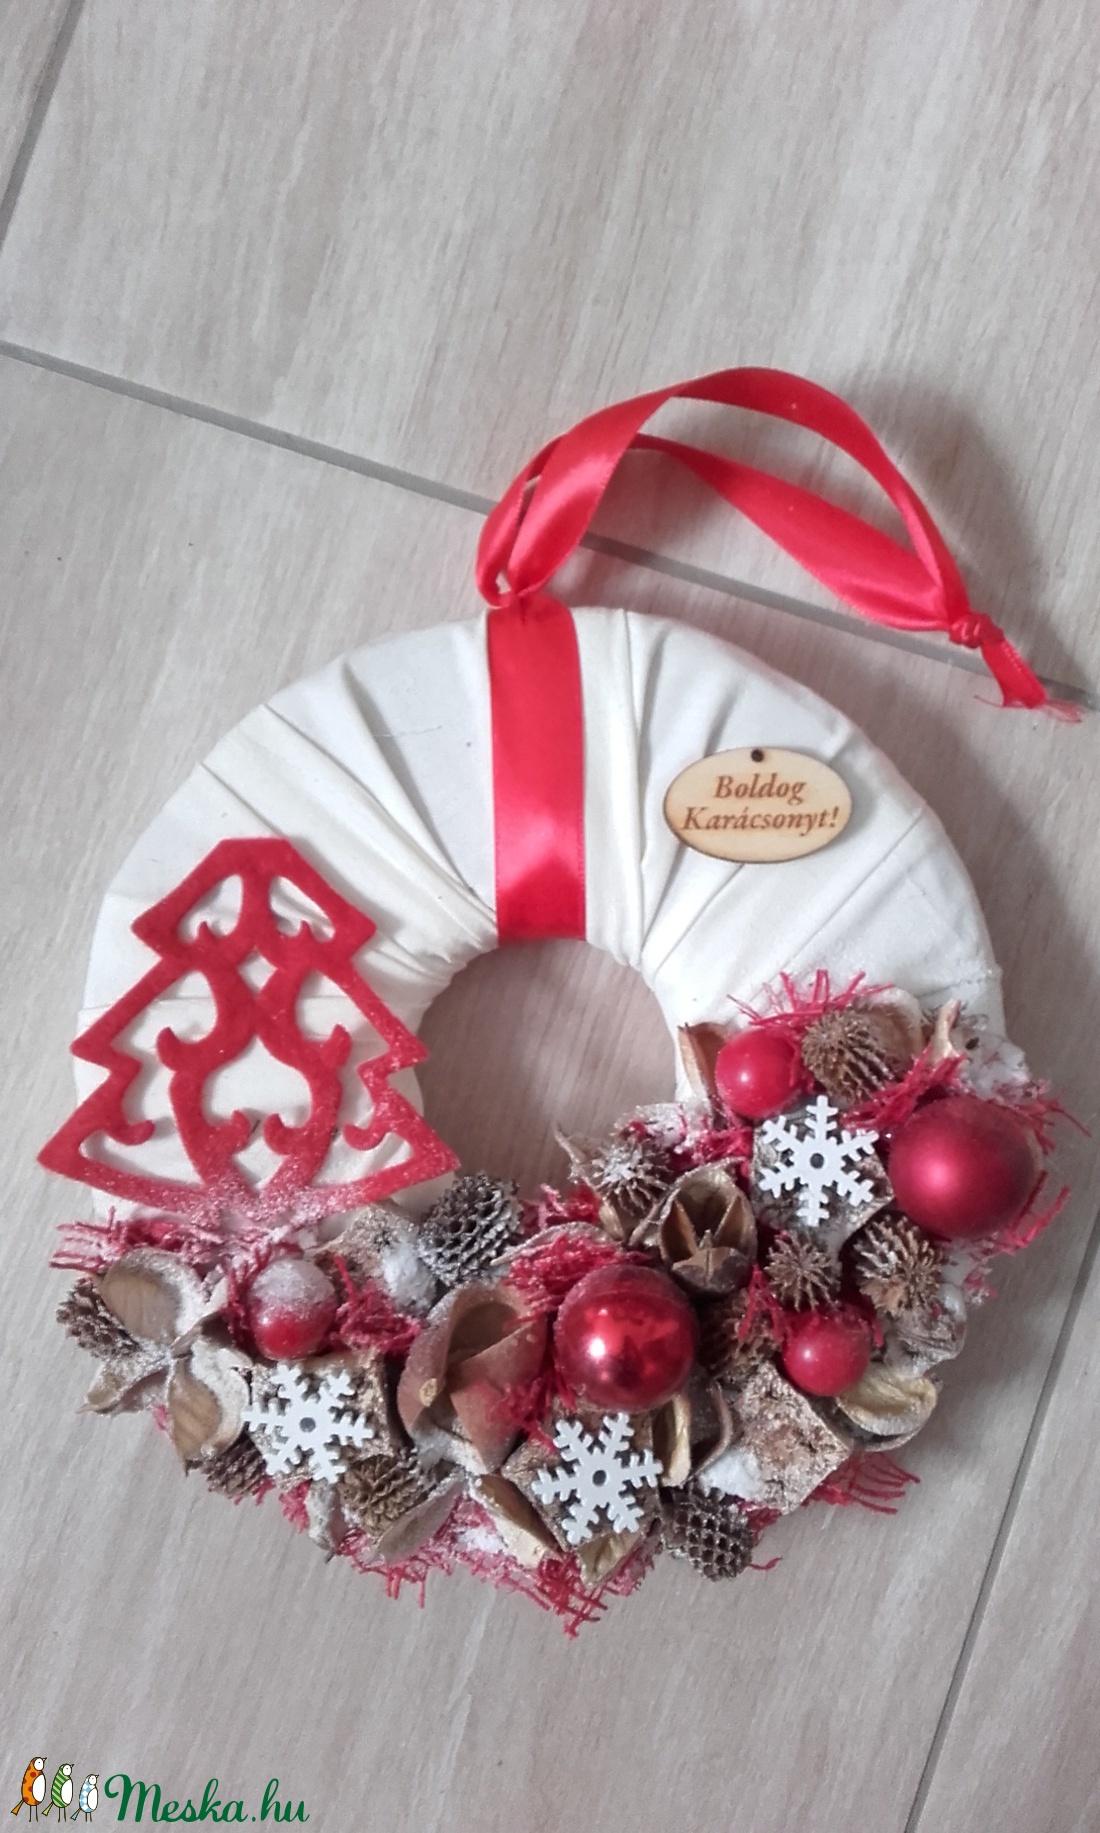 KARÁCSONYI FENYŐ karácsonyi-adventi KOPOGTATÓ AJTÓDÍSZ - karácsony & mikulás - adventi koszorú - Meska.hu